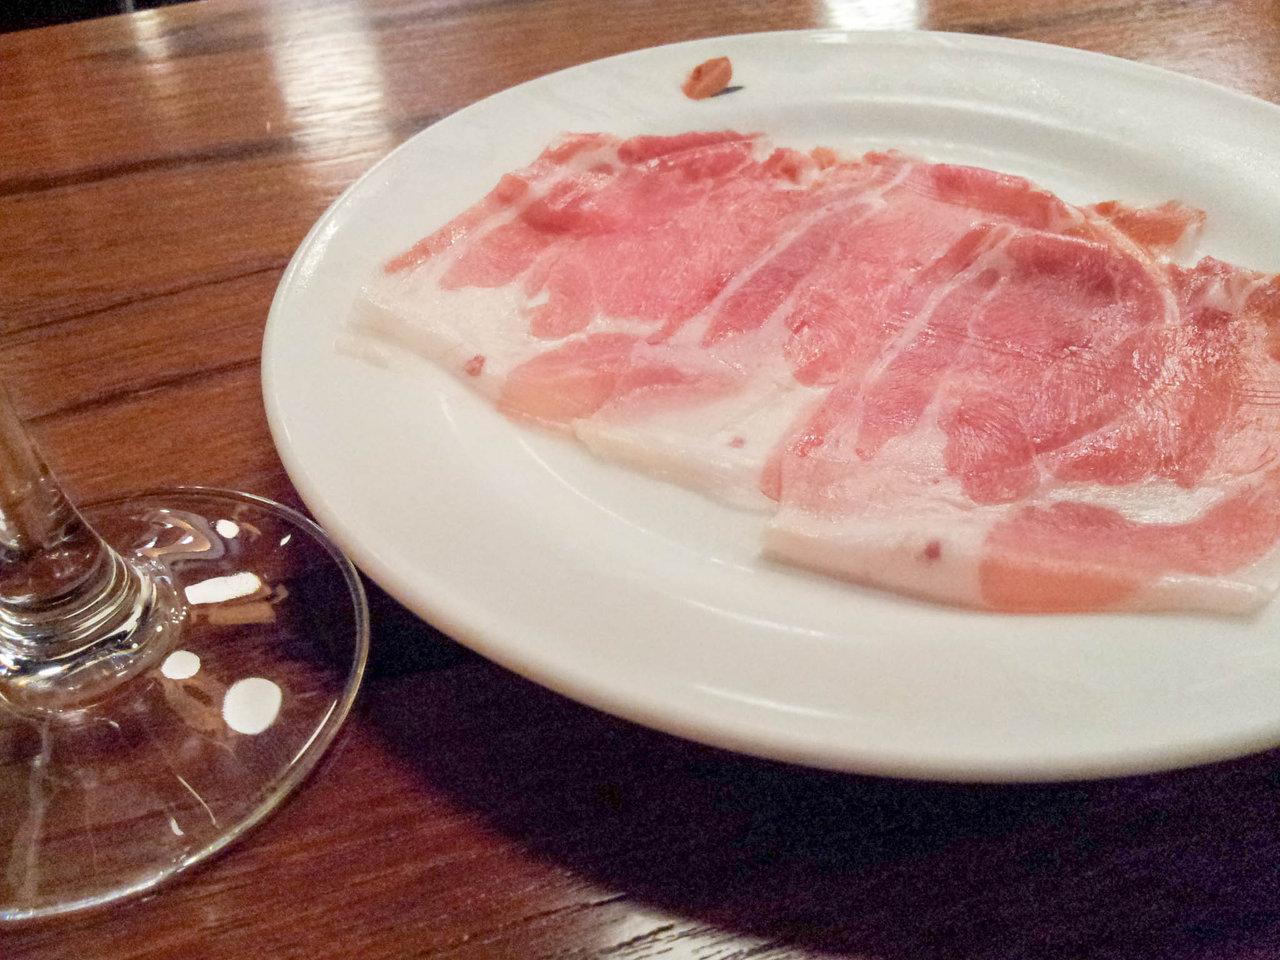 生ハム食べ放題500円!ワイン飲み放題980円!奇跡の店「BAL PINOLO 銀座」